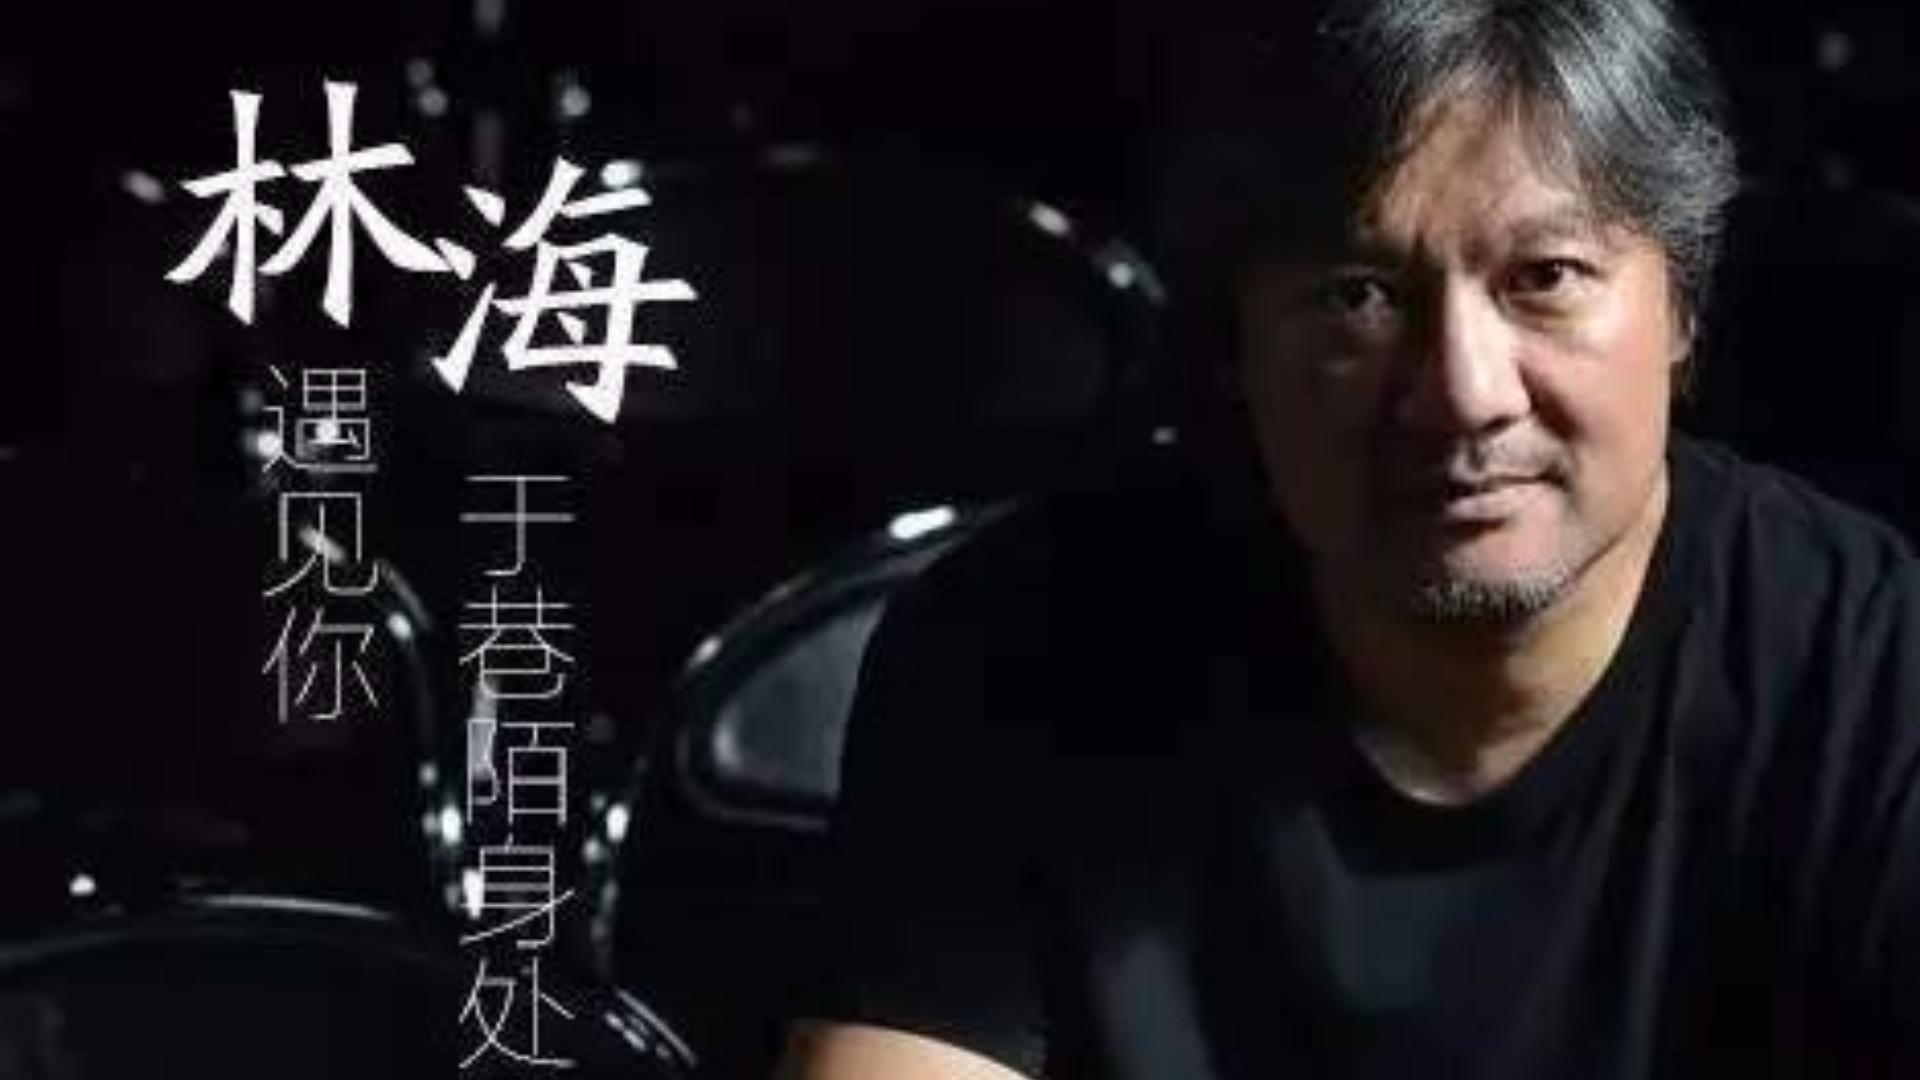 【林海全集】林海大师三十五首经典音乐合集,舒缓心情,多听收藏投蕉哦!